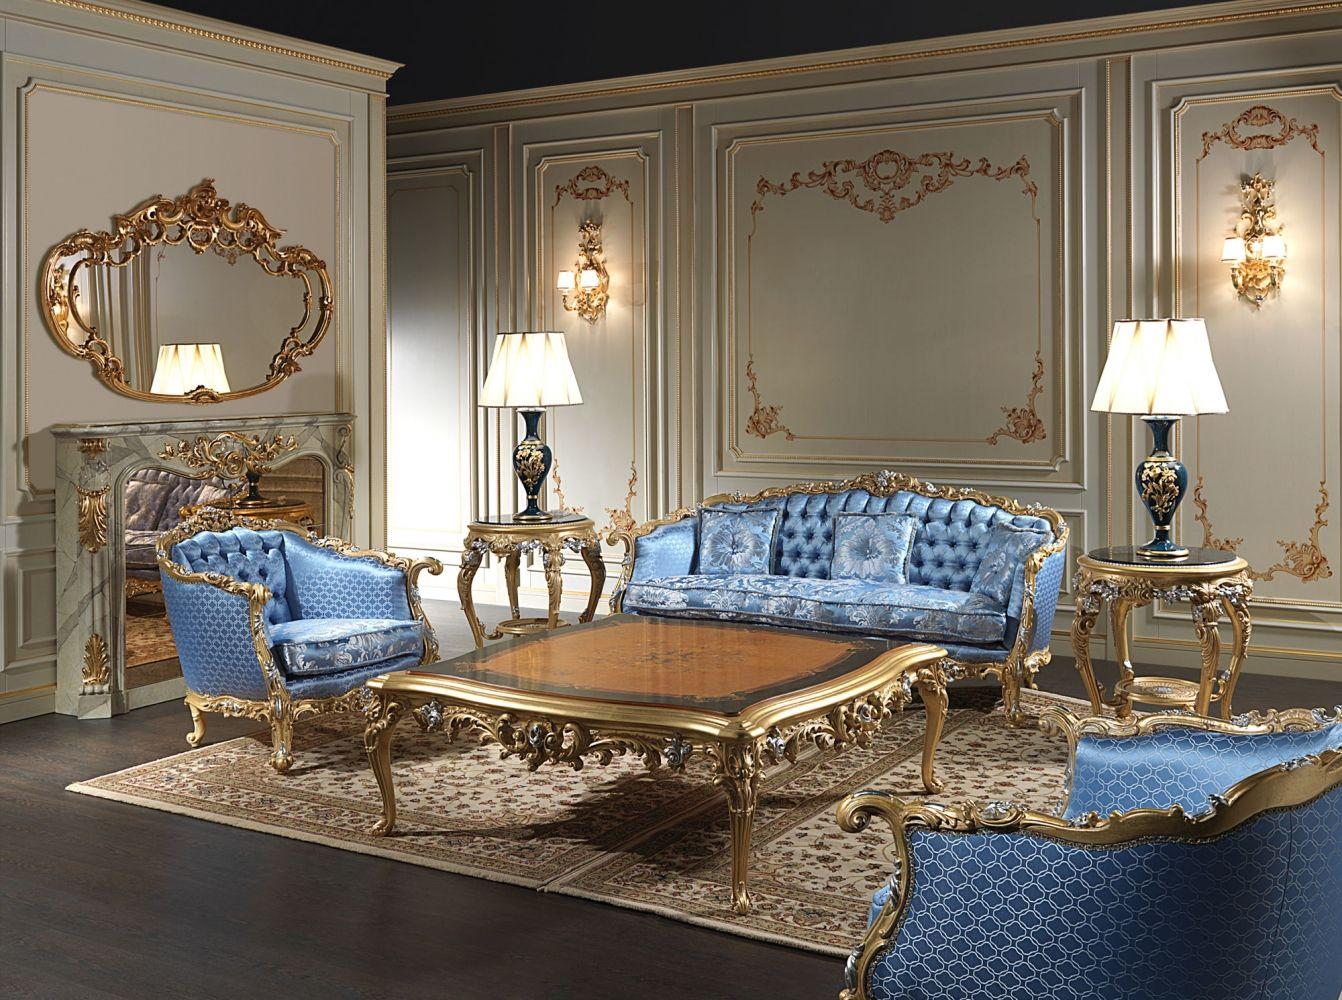 роскошная мебель картинки держится